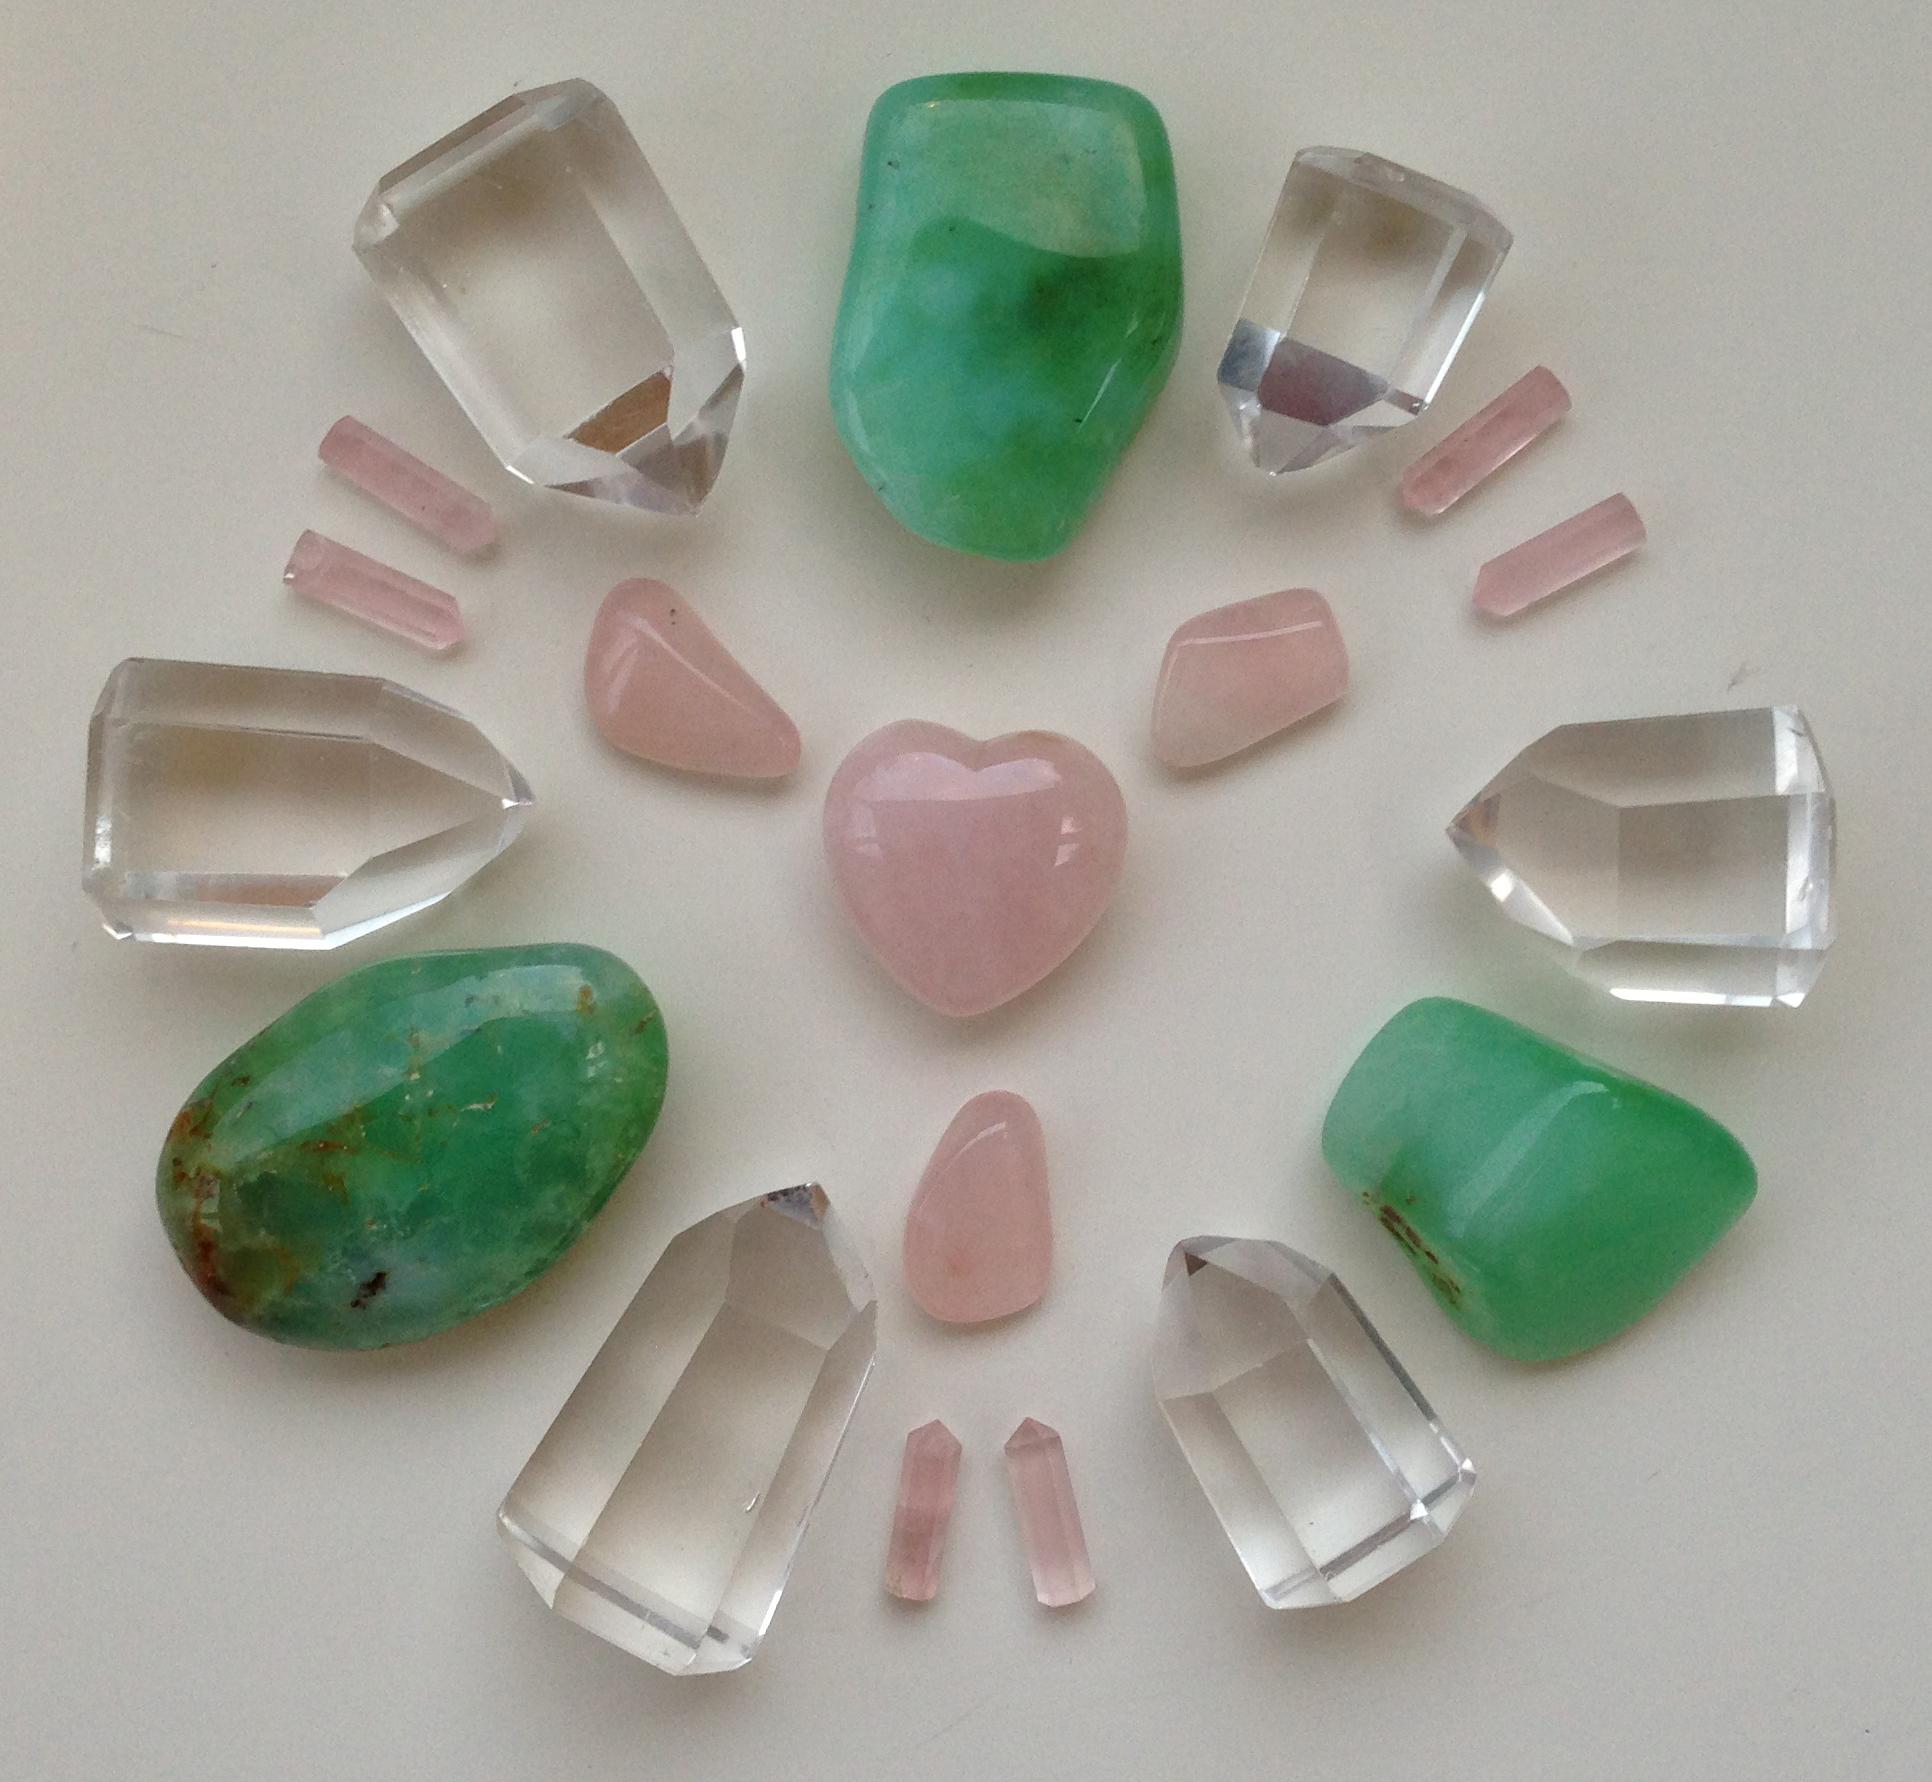 ум и сердце 7 Доверие и принятие, ум и сердце, розовые и зеленые камни